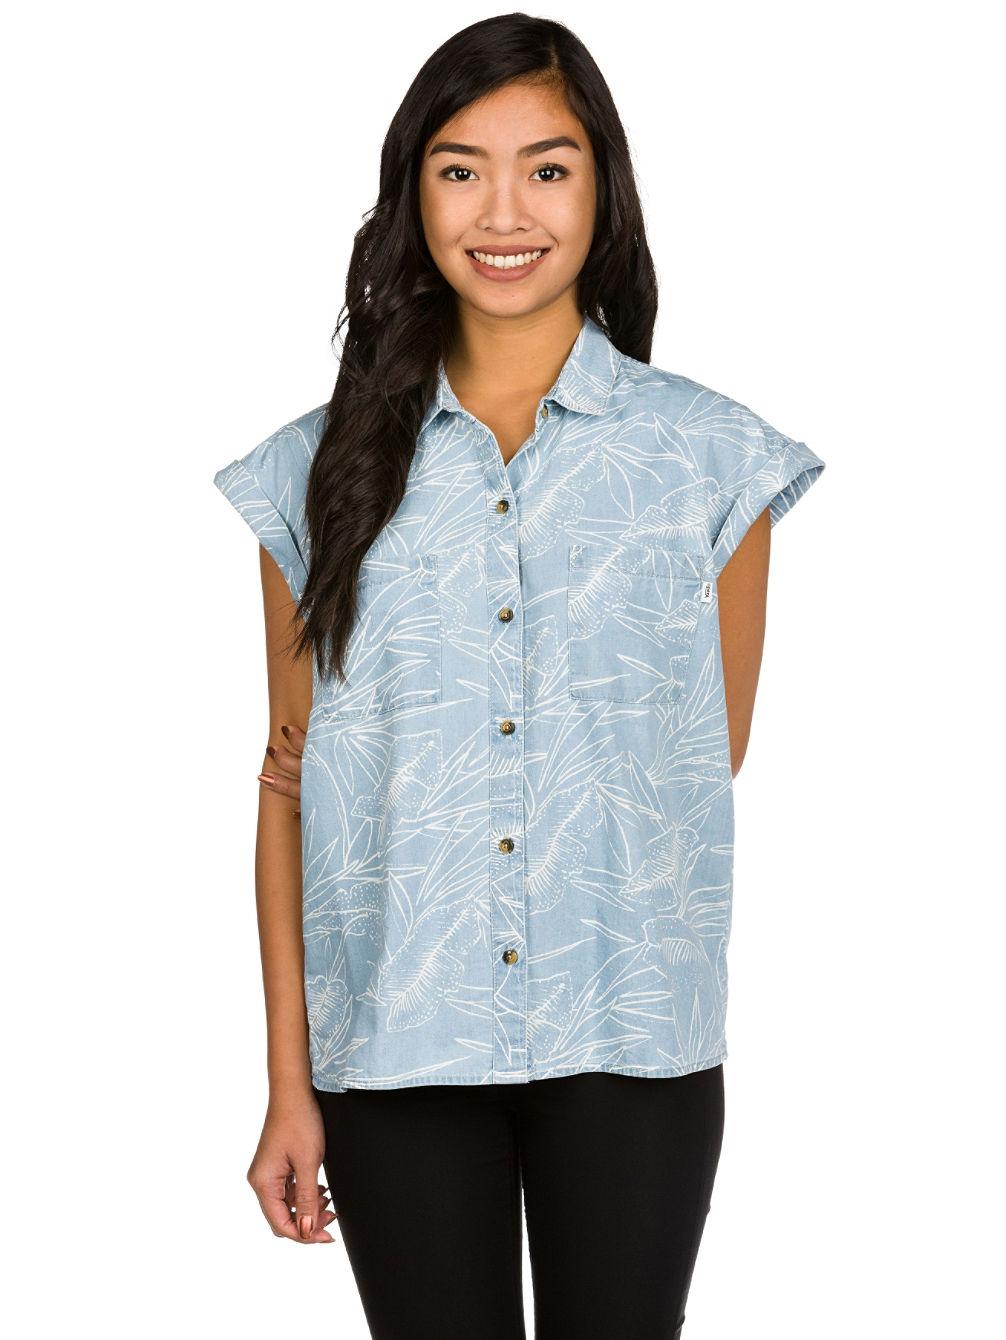 vans-sundazed-denim-shirt